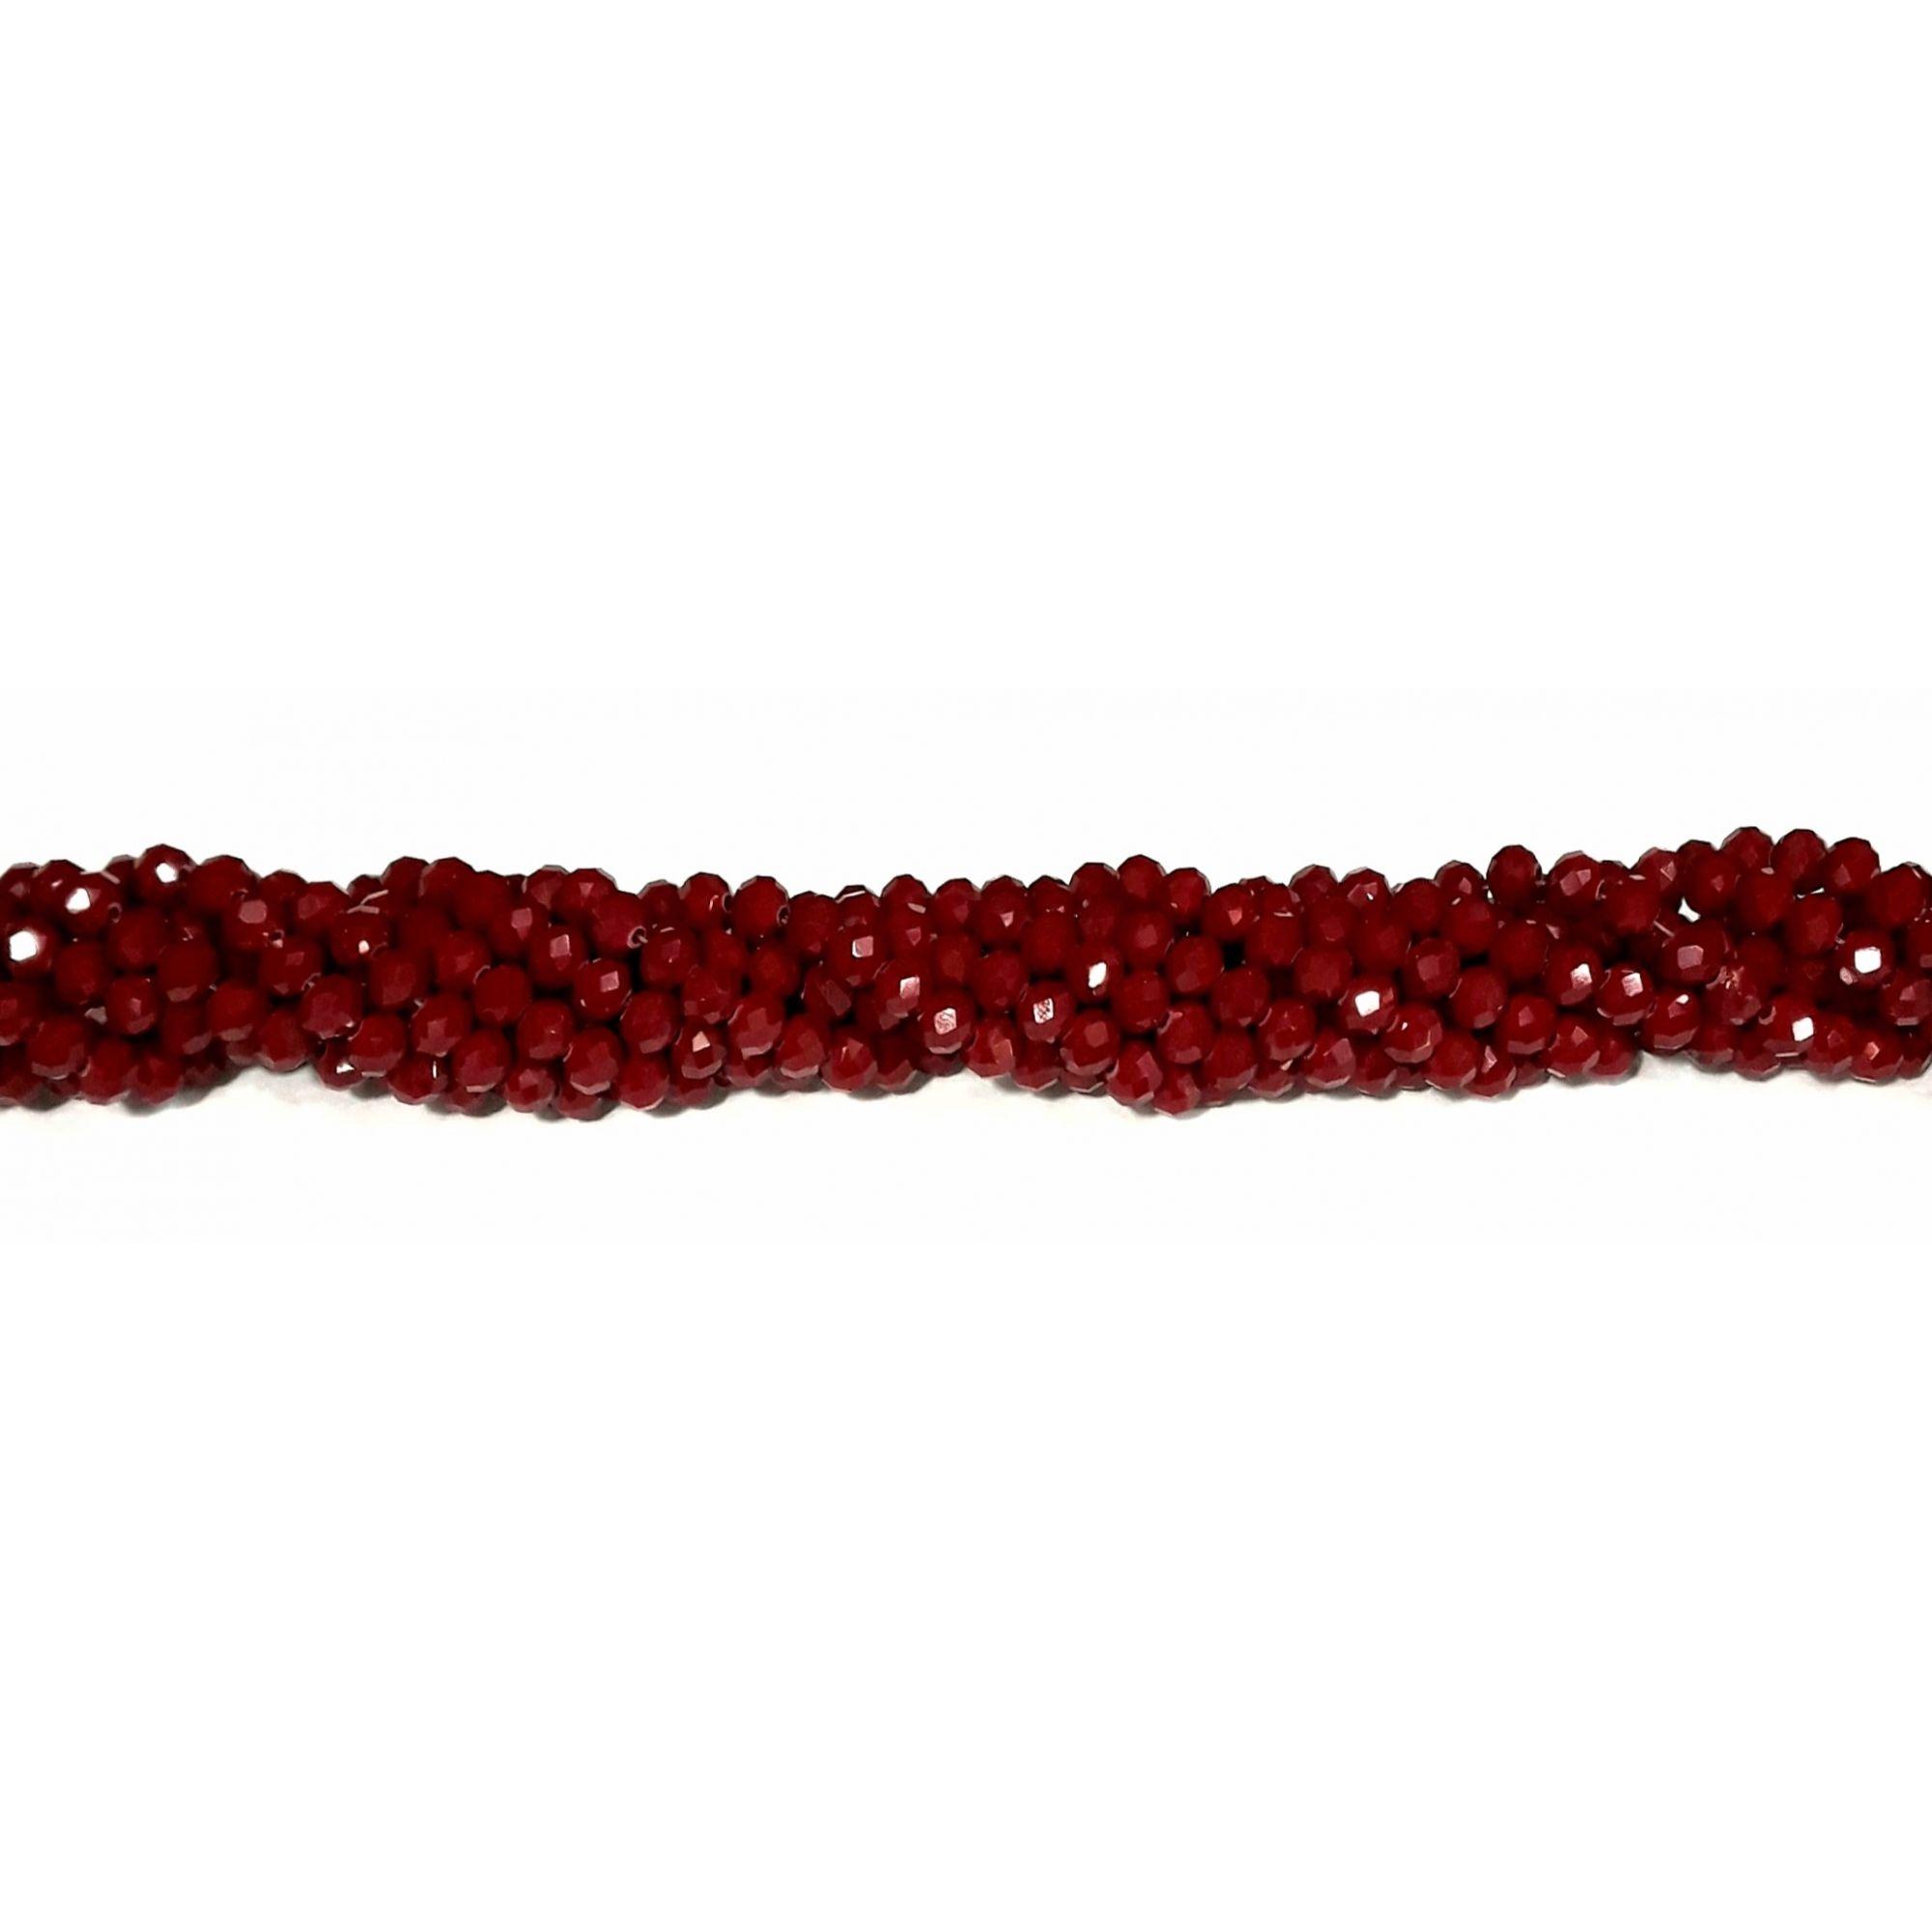 Fio de Cristal 6mm (Vermelho) - FDC24